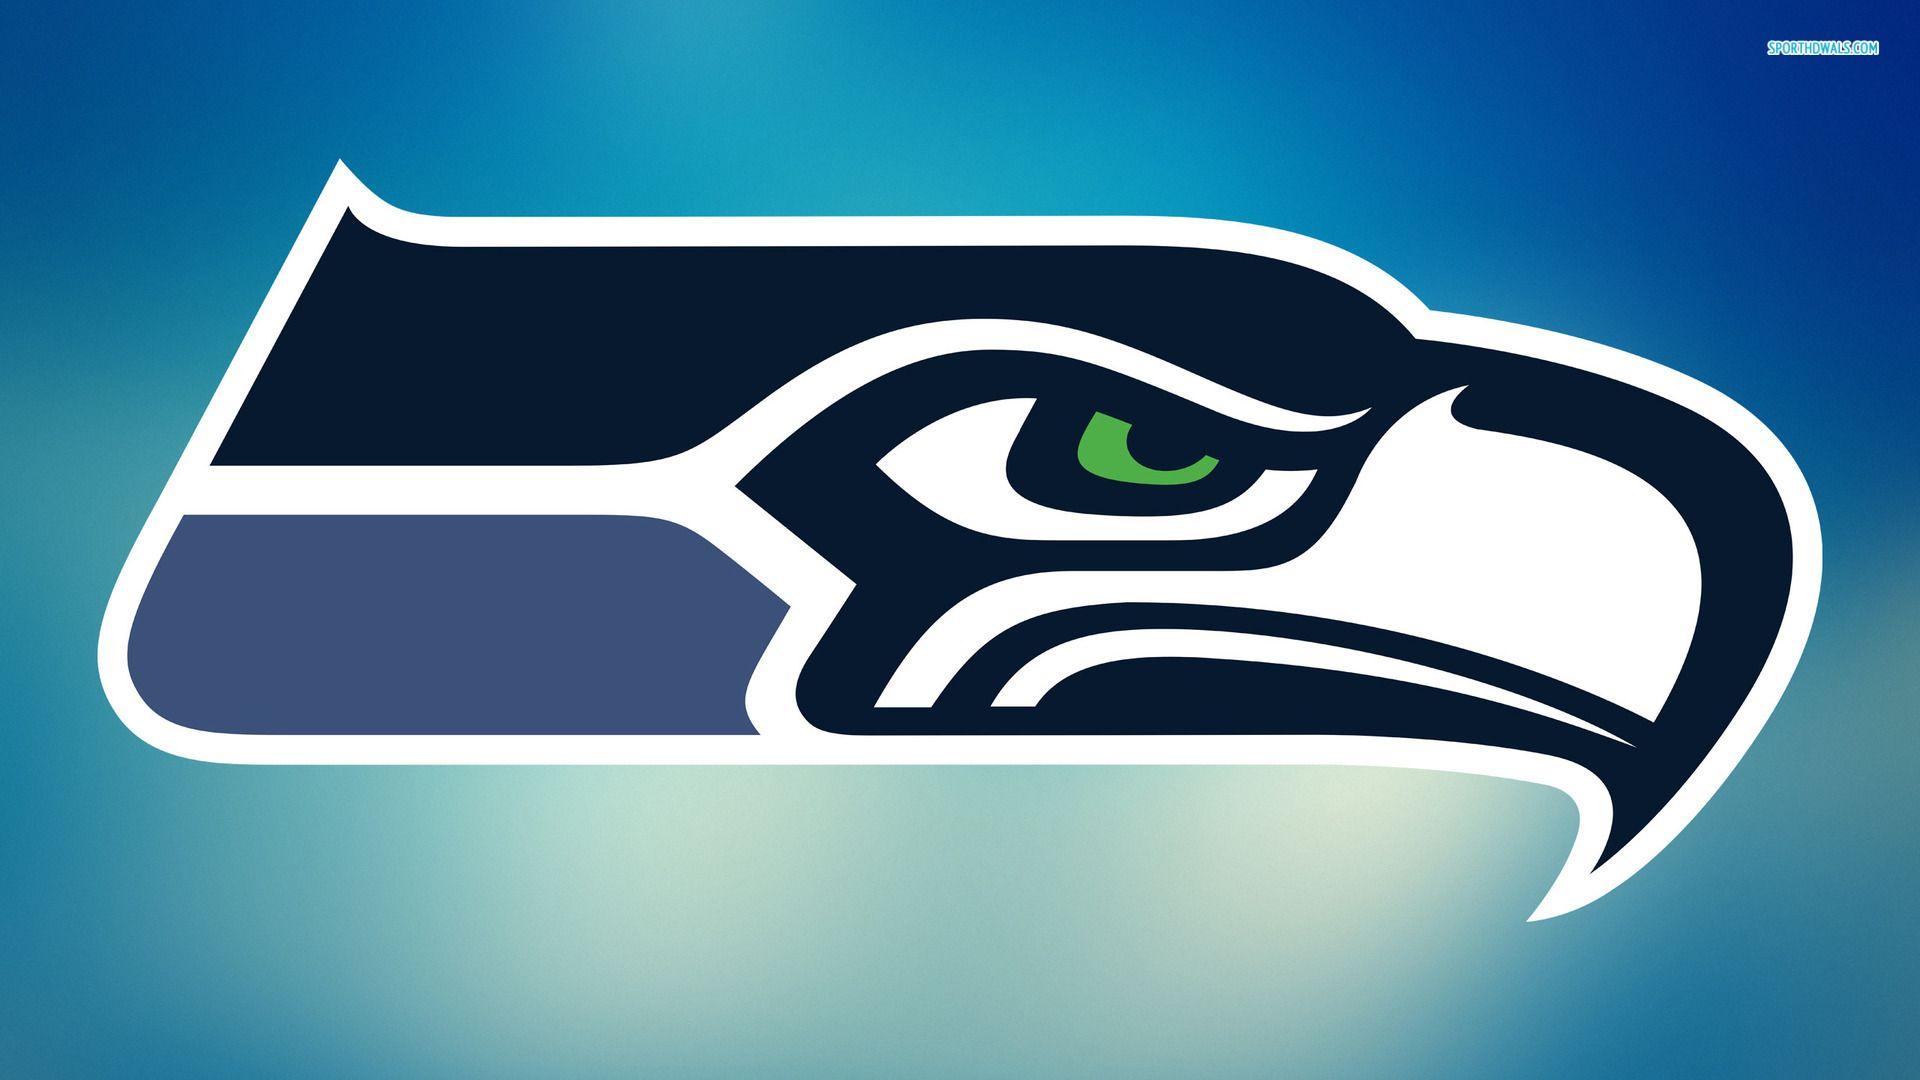 SEATTLE SEAHAWKS WALLPAPER Seattle Seahawks wallpaper